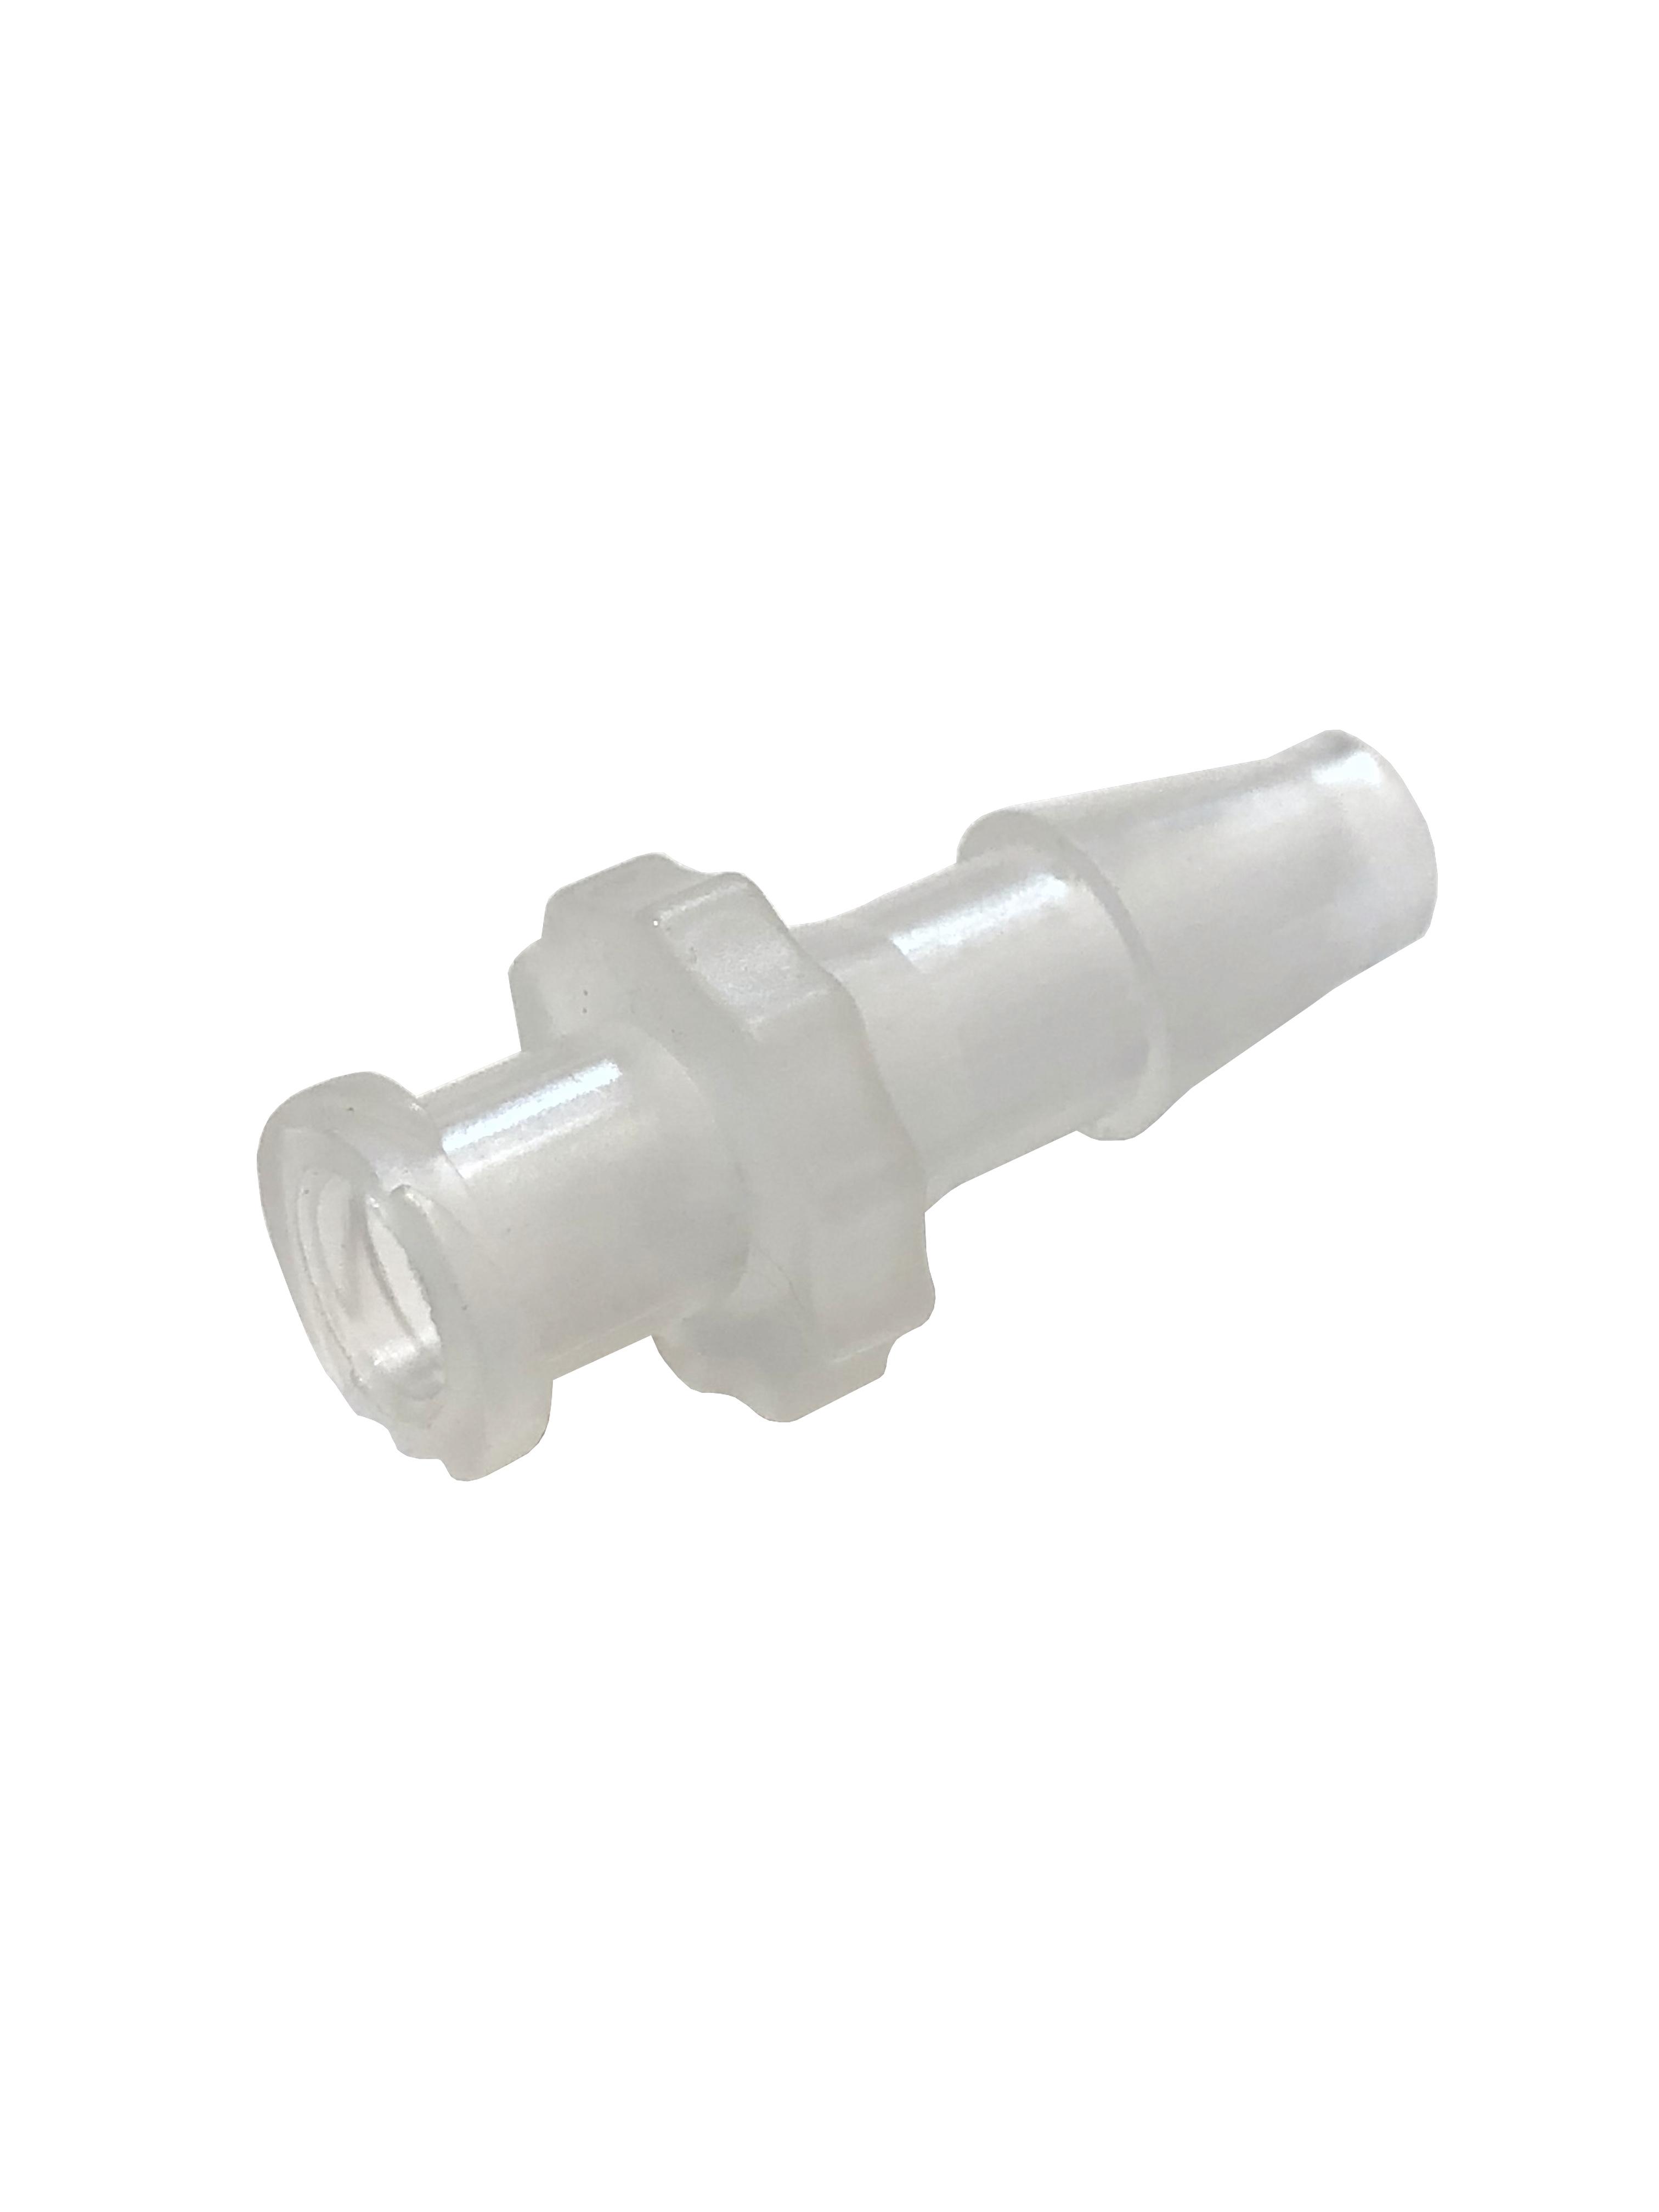 Slip Luer - Connectors - Slip Luer Adapter Female (Sphyg End)